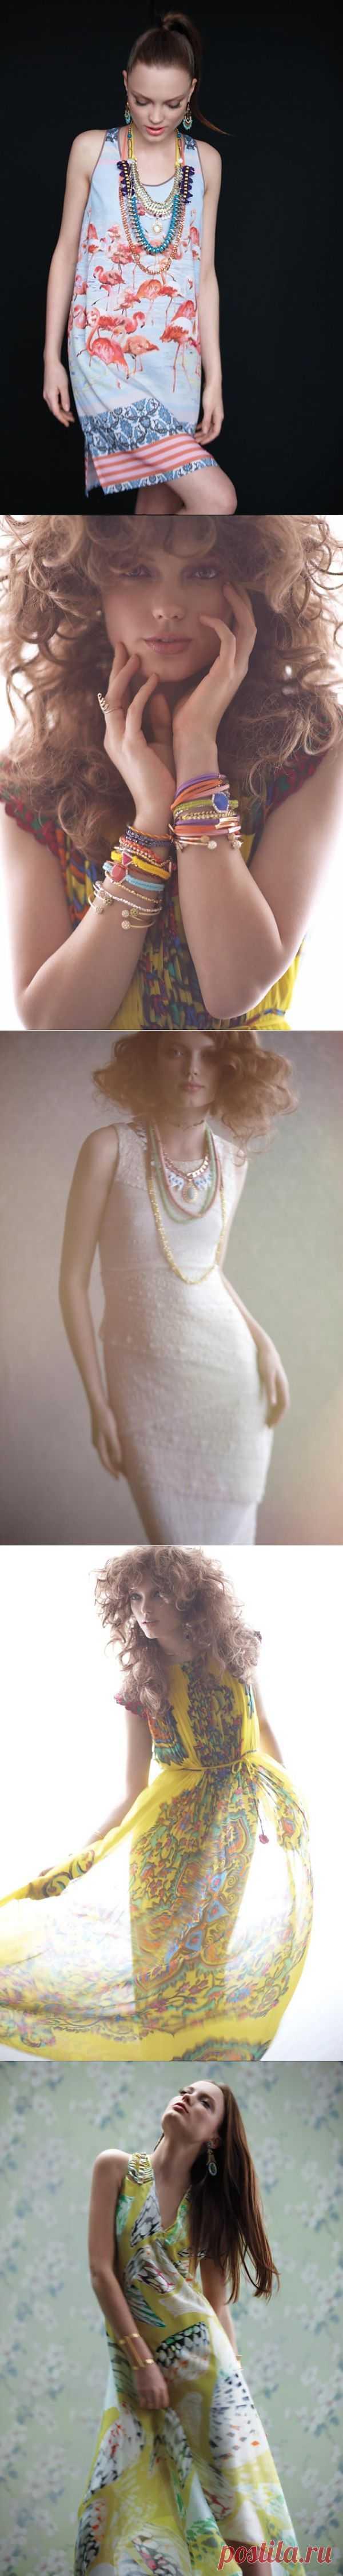 Jewelry layering by Anthropologie May 2012 (трафик) / Украшения и бижутерия / Модный сайт о стильной переделке одежды и интерьера